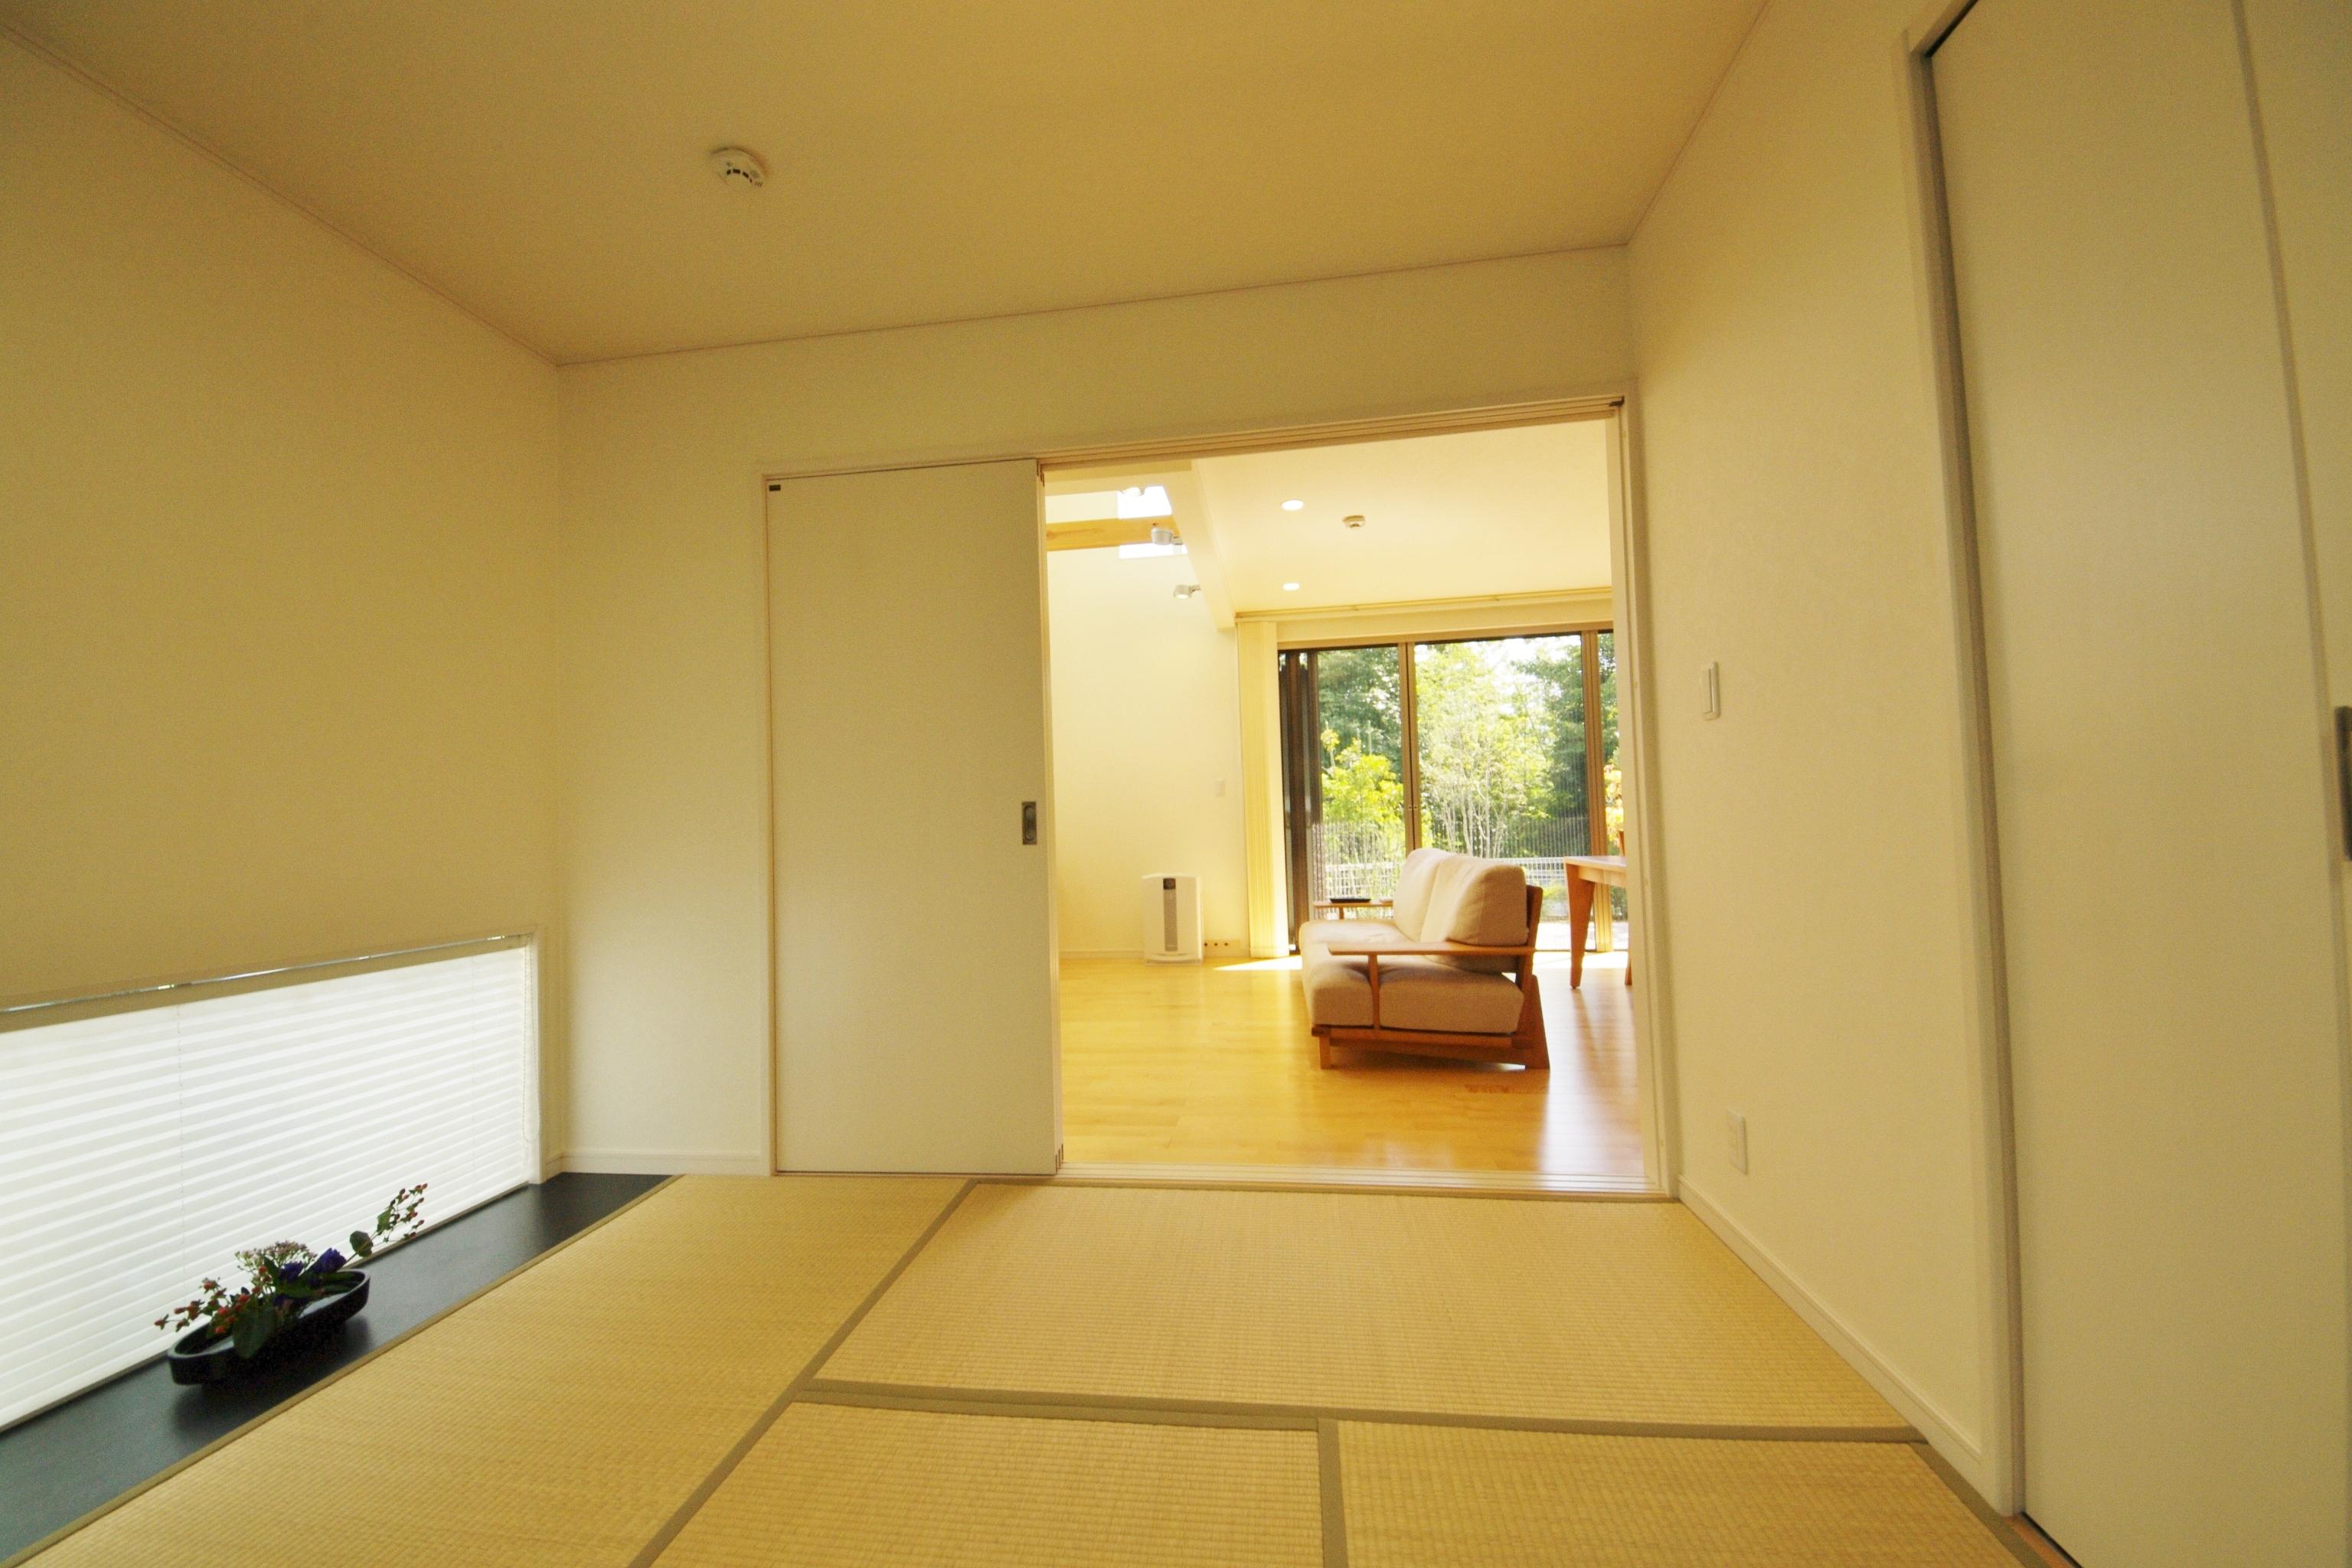 和室とリビングの統一感で、すっきりした空間に!